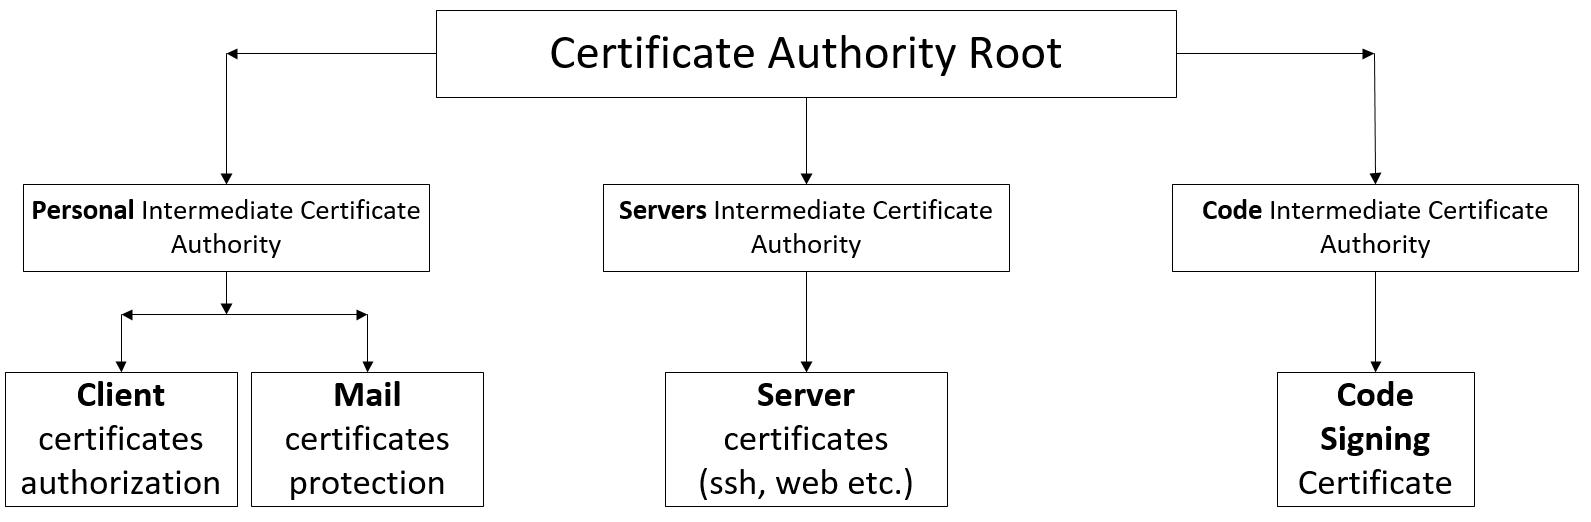 От Root CA до User Authorization в nginx+apache. Часть 1. Создаем Root&Intermediate Certificate Authority - 1